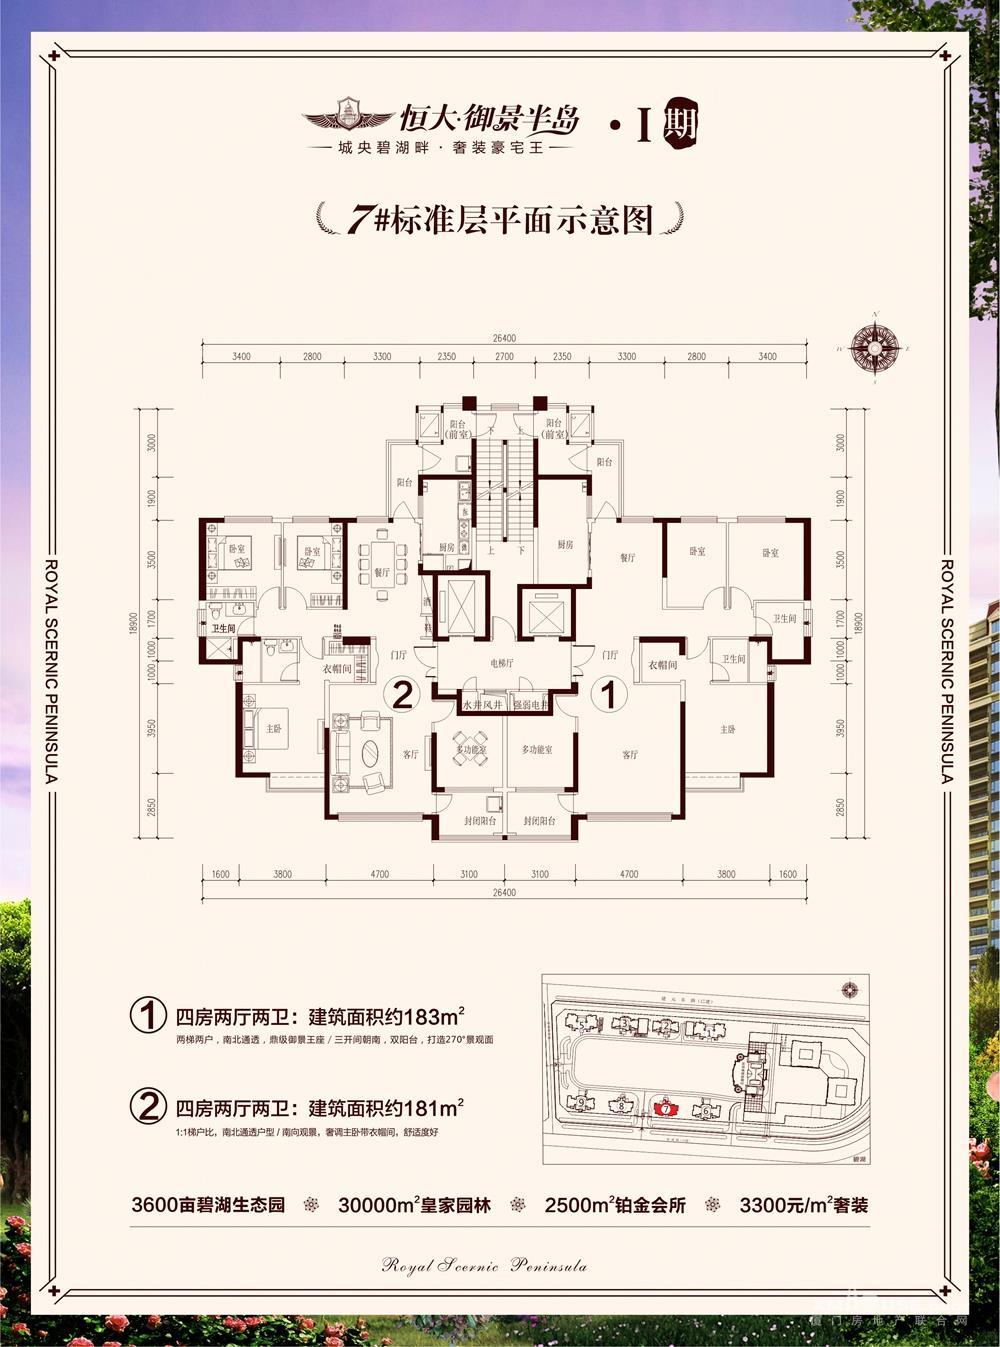 漳州·恒大御景半岛-天天好房(365haofang.com)